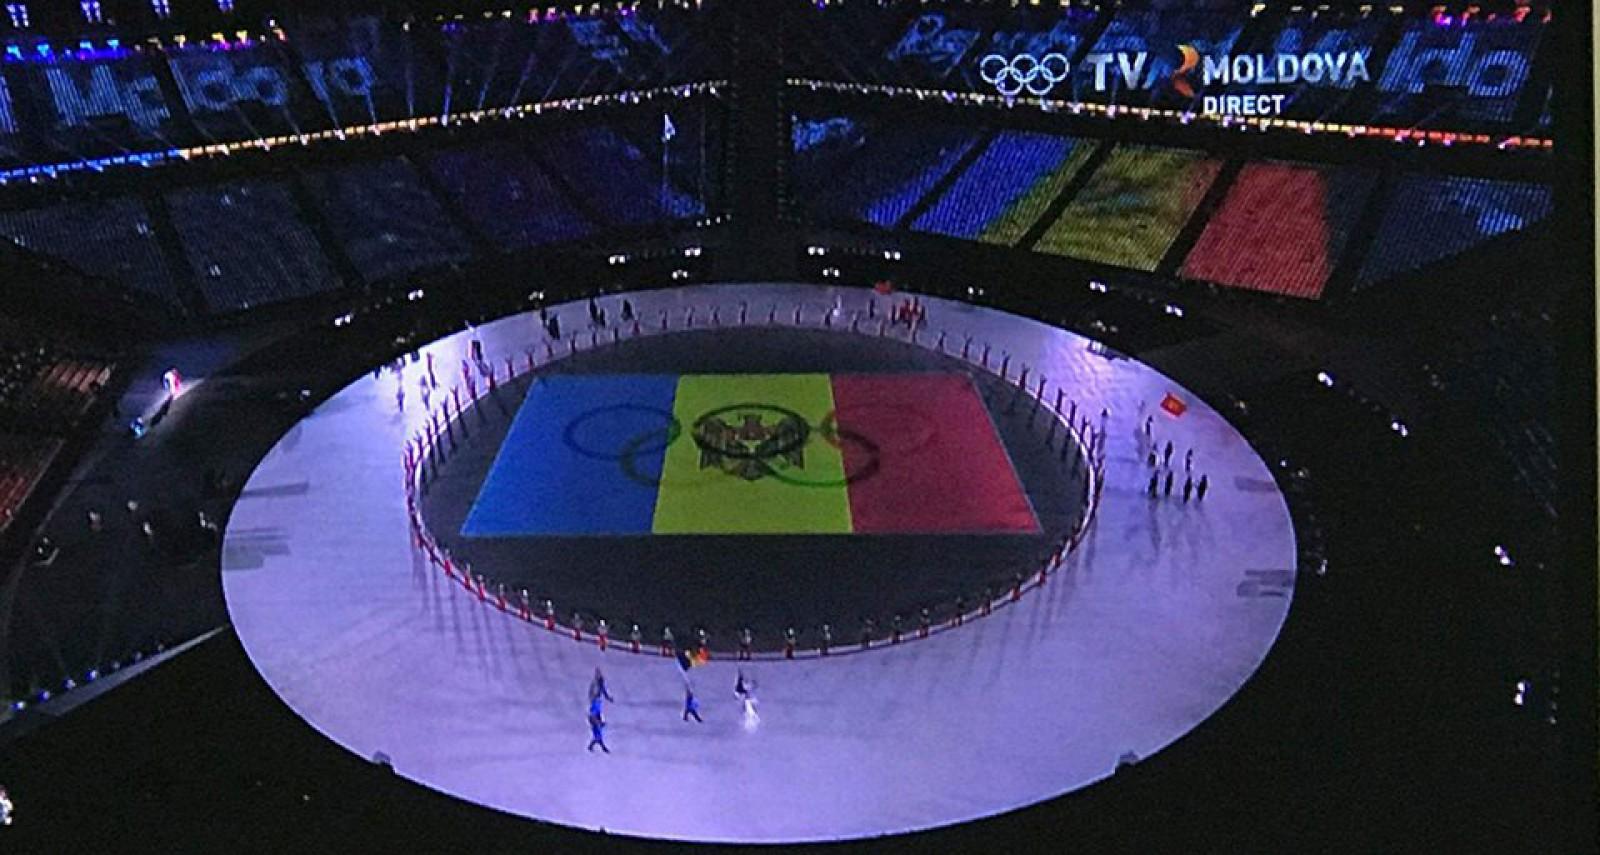 (foto) Delegaţia Republicii Moldova a defilat la ceremonia oficială de inaugurare a Jocurilor Olimpice de Iarnă de la PyeongChang